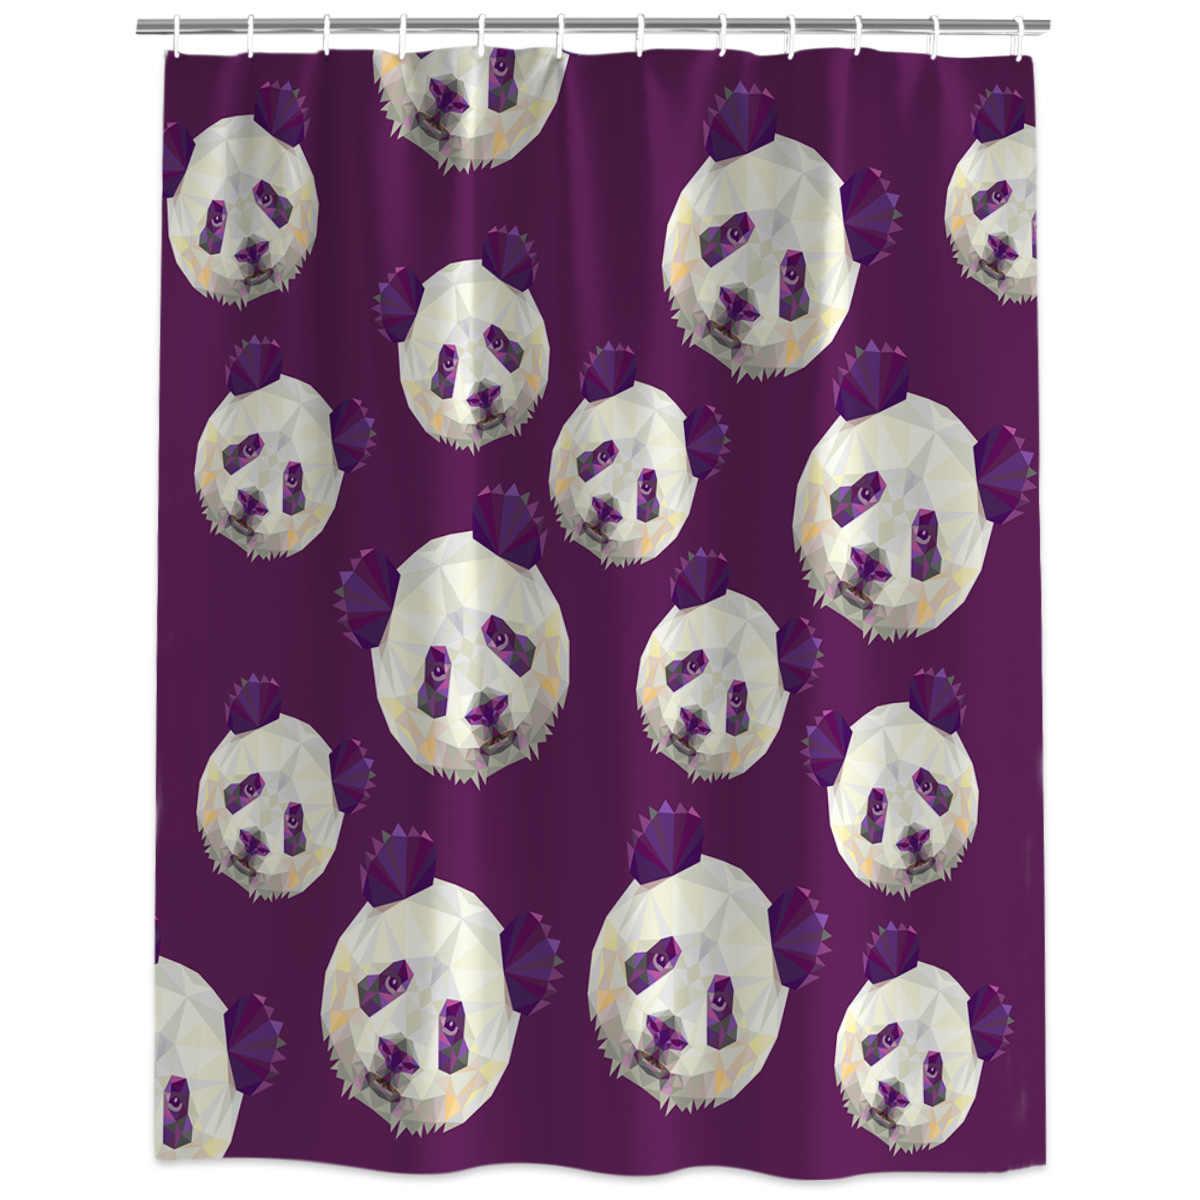 Милые геометрические голова панды занавеска для душа декоративная ткань занавеска для душа Товары для ванной комнаты декор с крючками